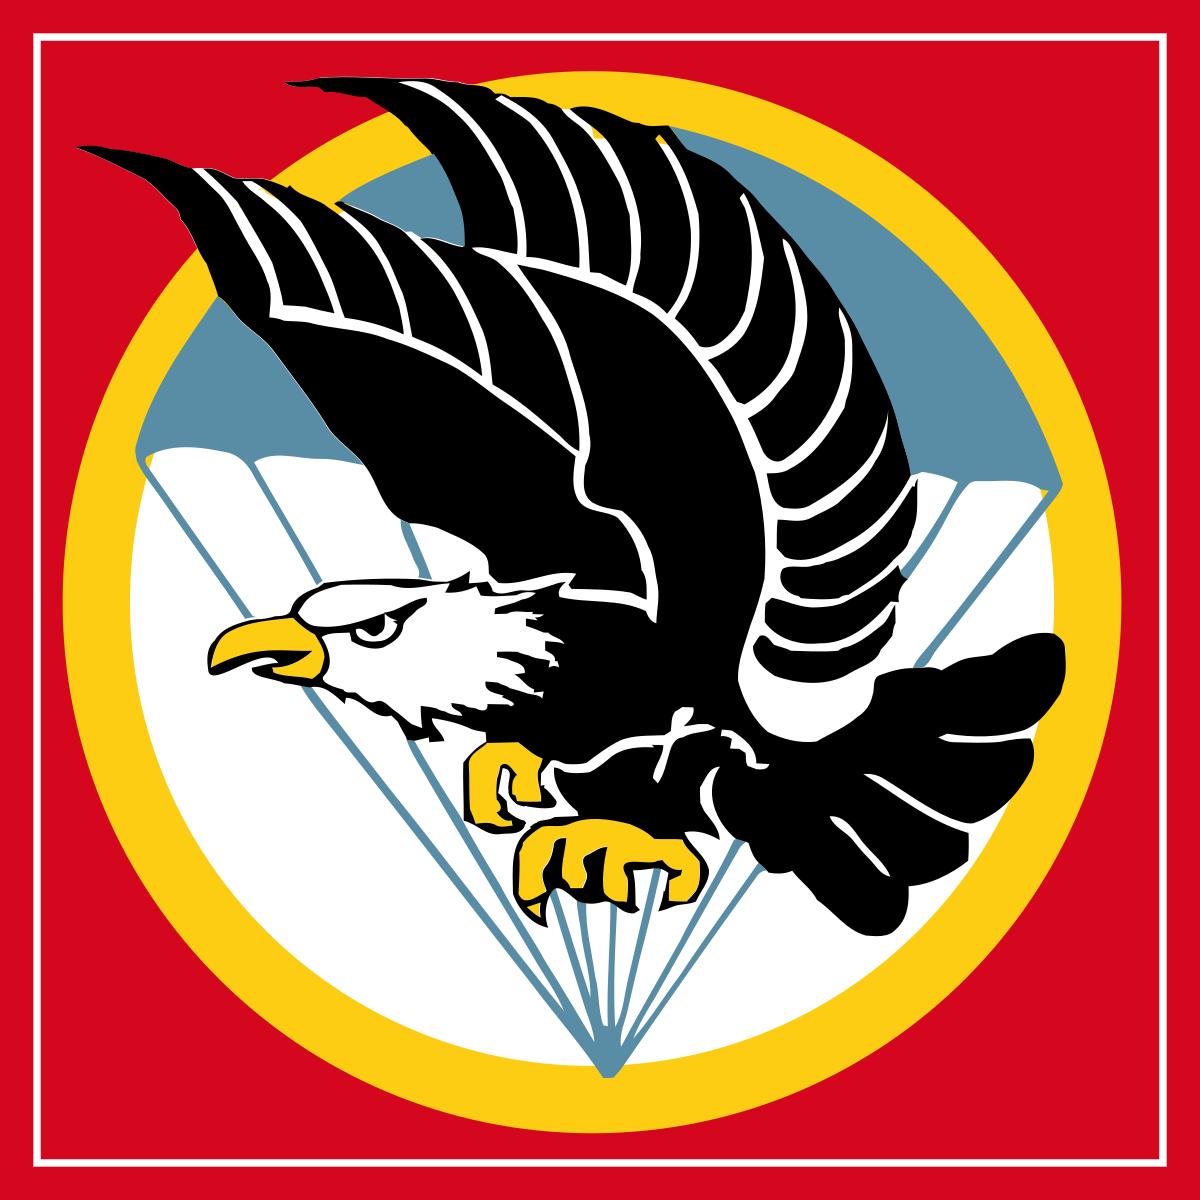 Republic of Vietnam Airborne Division.